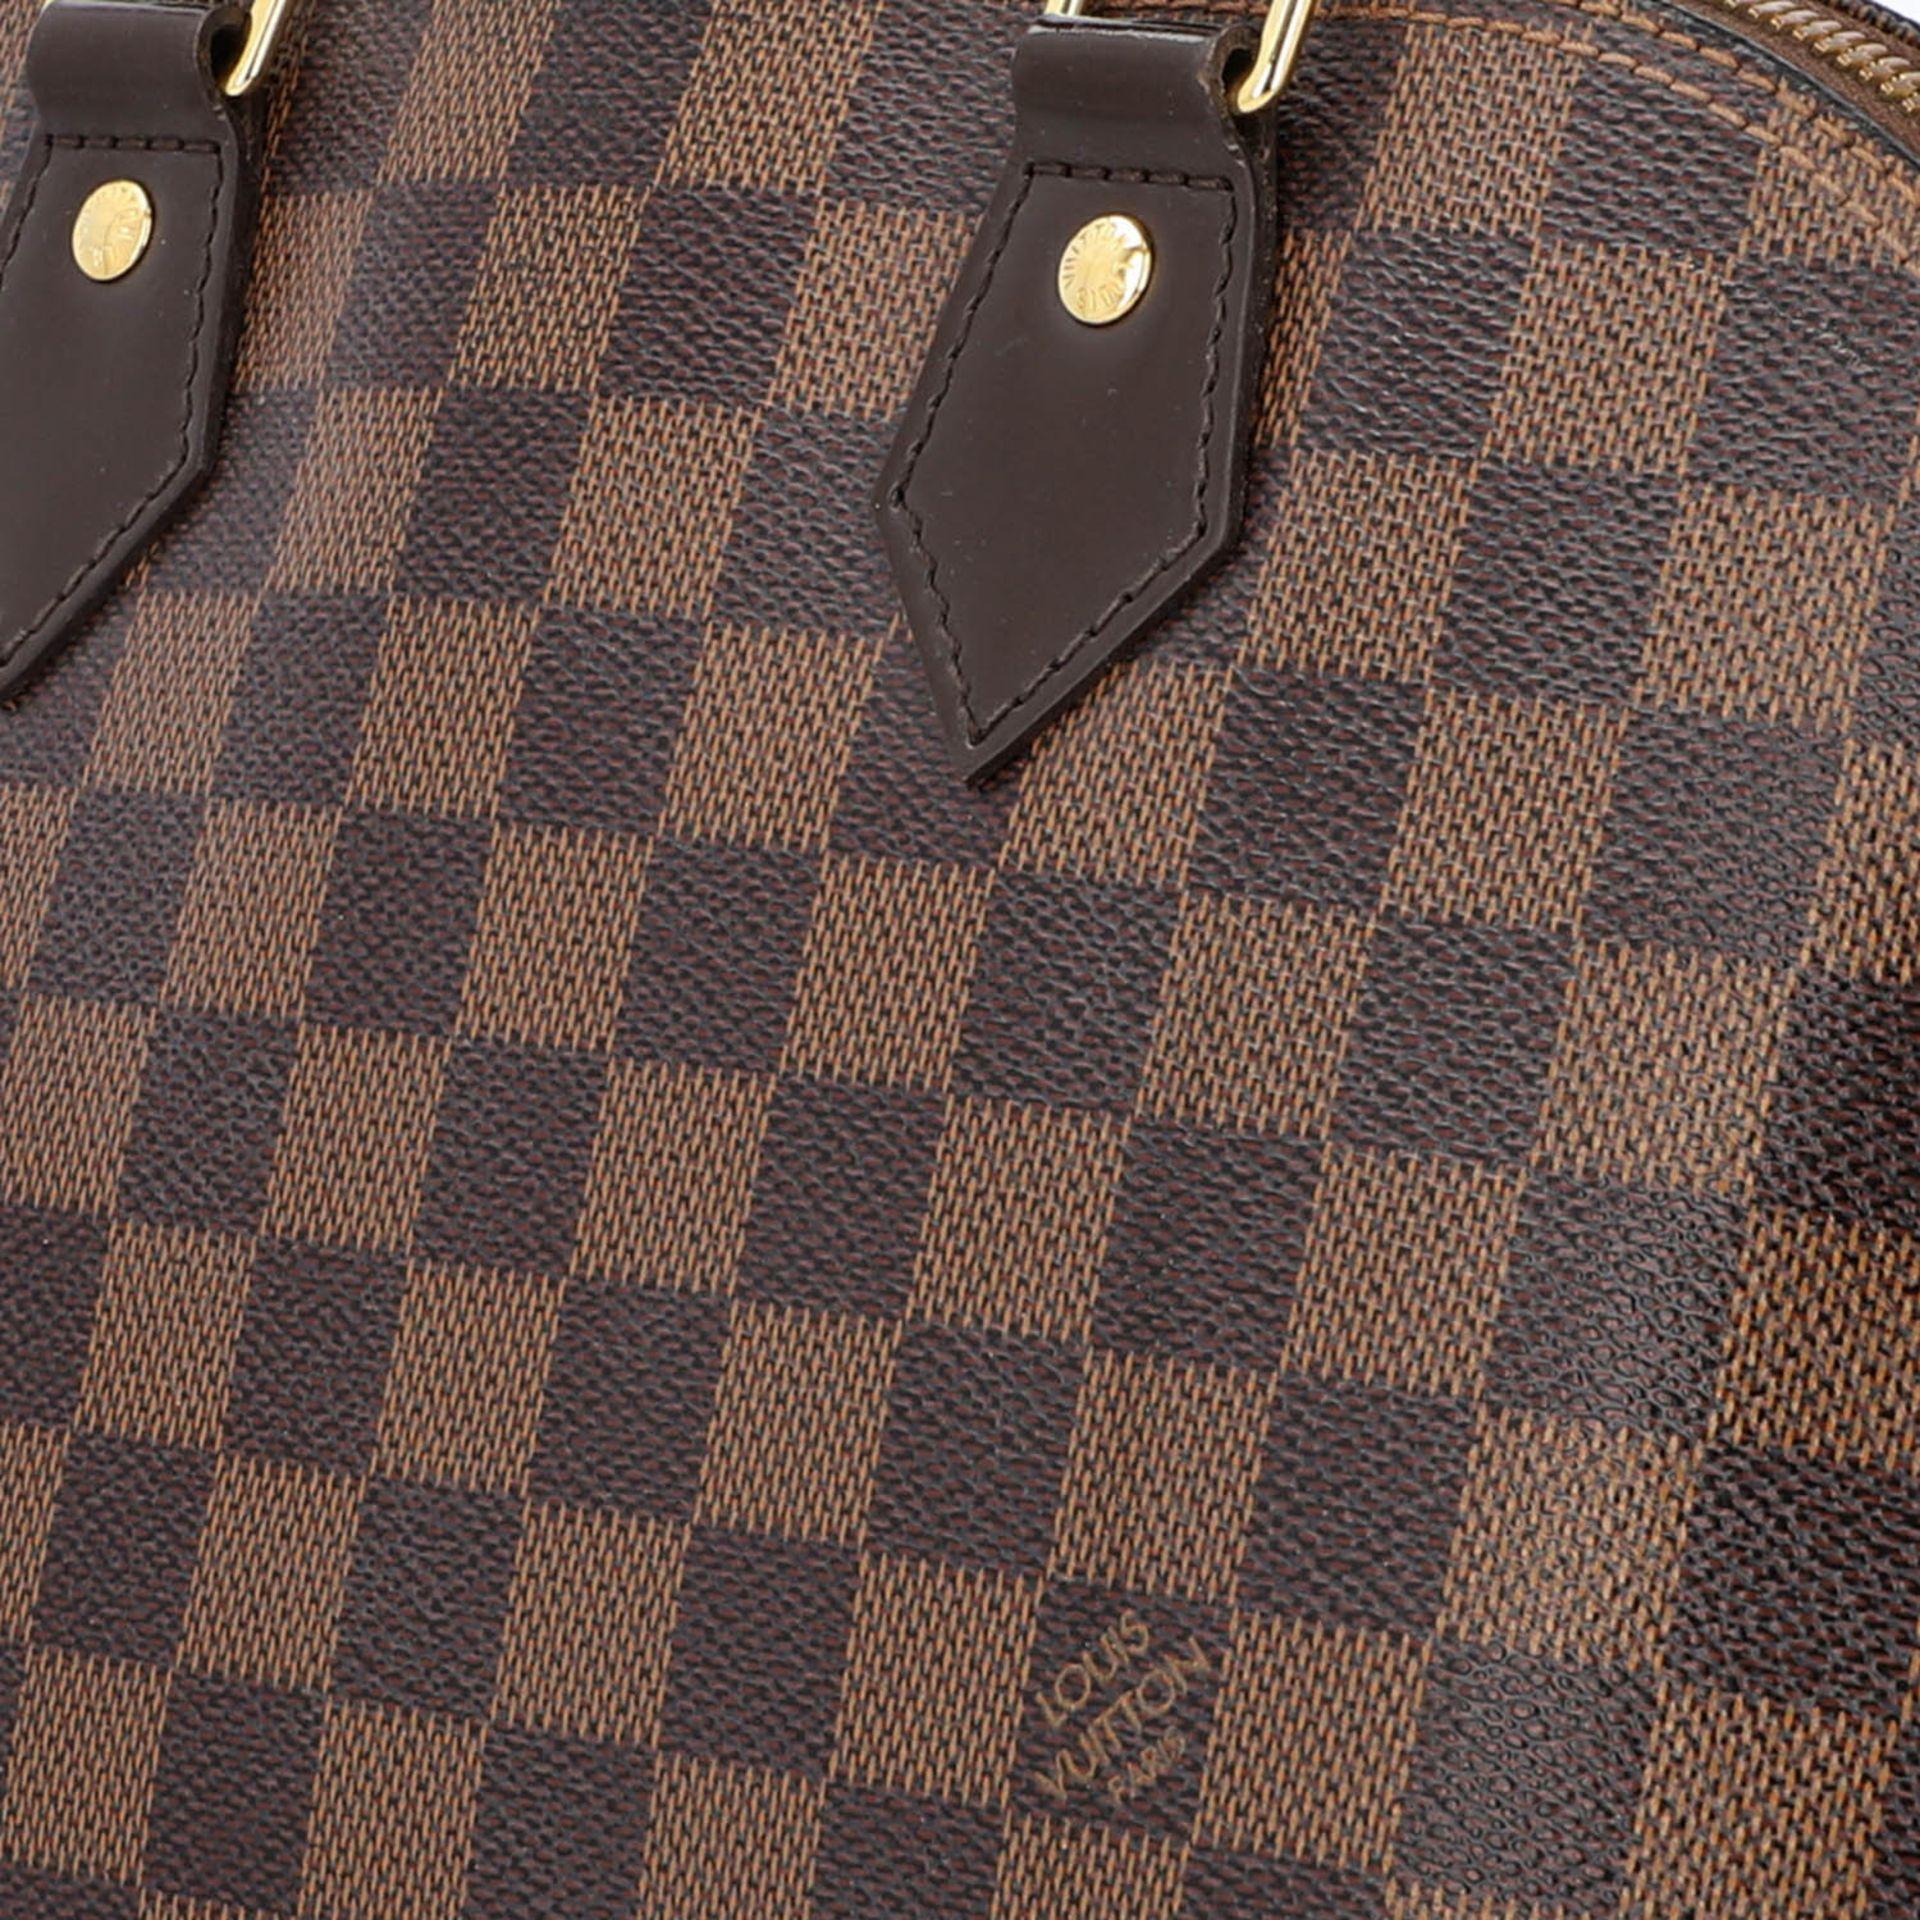 """LOUIS VUITTON Handtasche """"ALMA PM"""", Koll. 2010.Akt. NP.: 1.250,-€. Damier Ebene Serie mit - Bild 7 aus 8"""